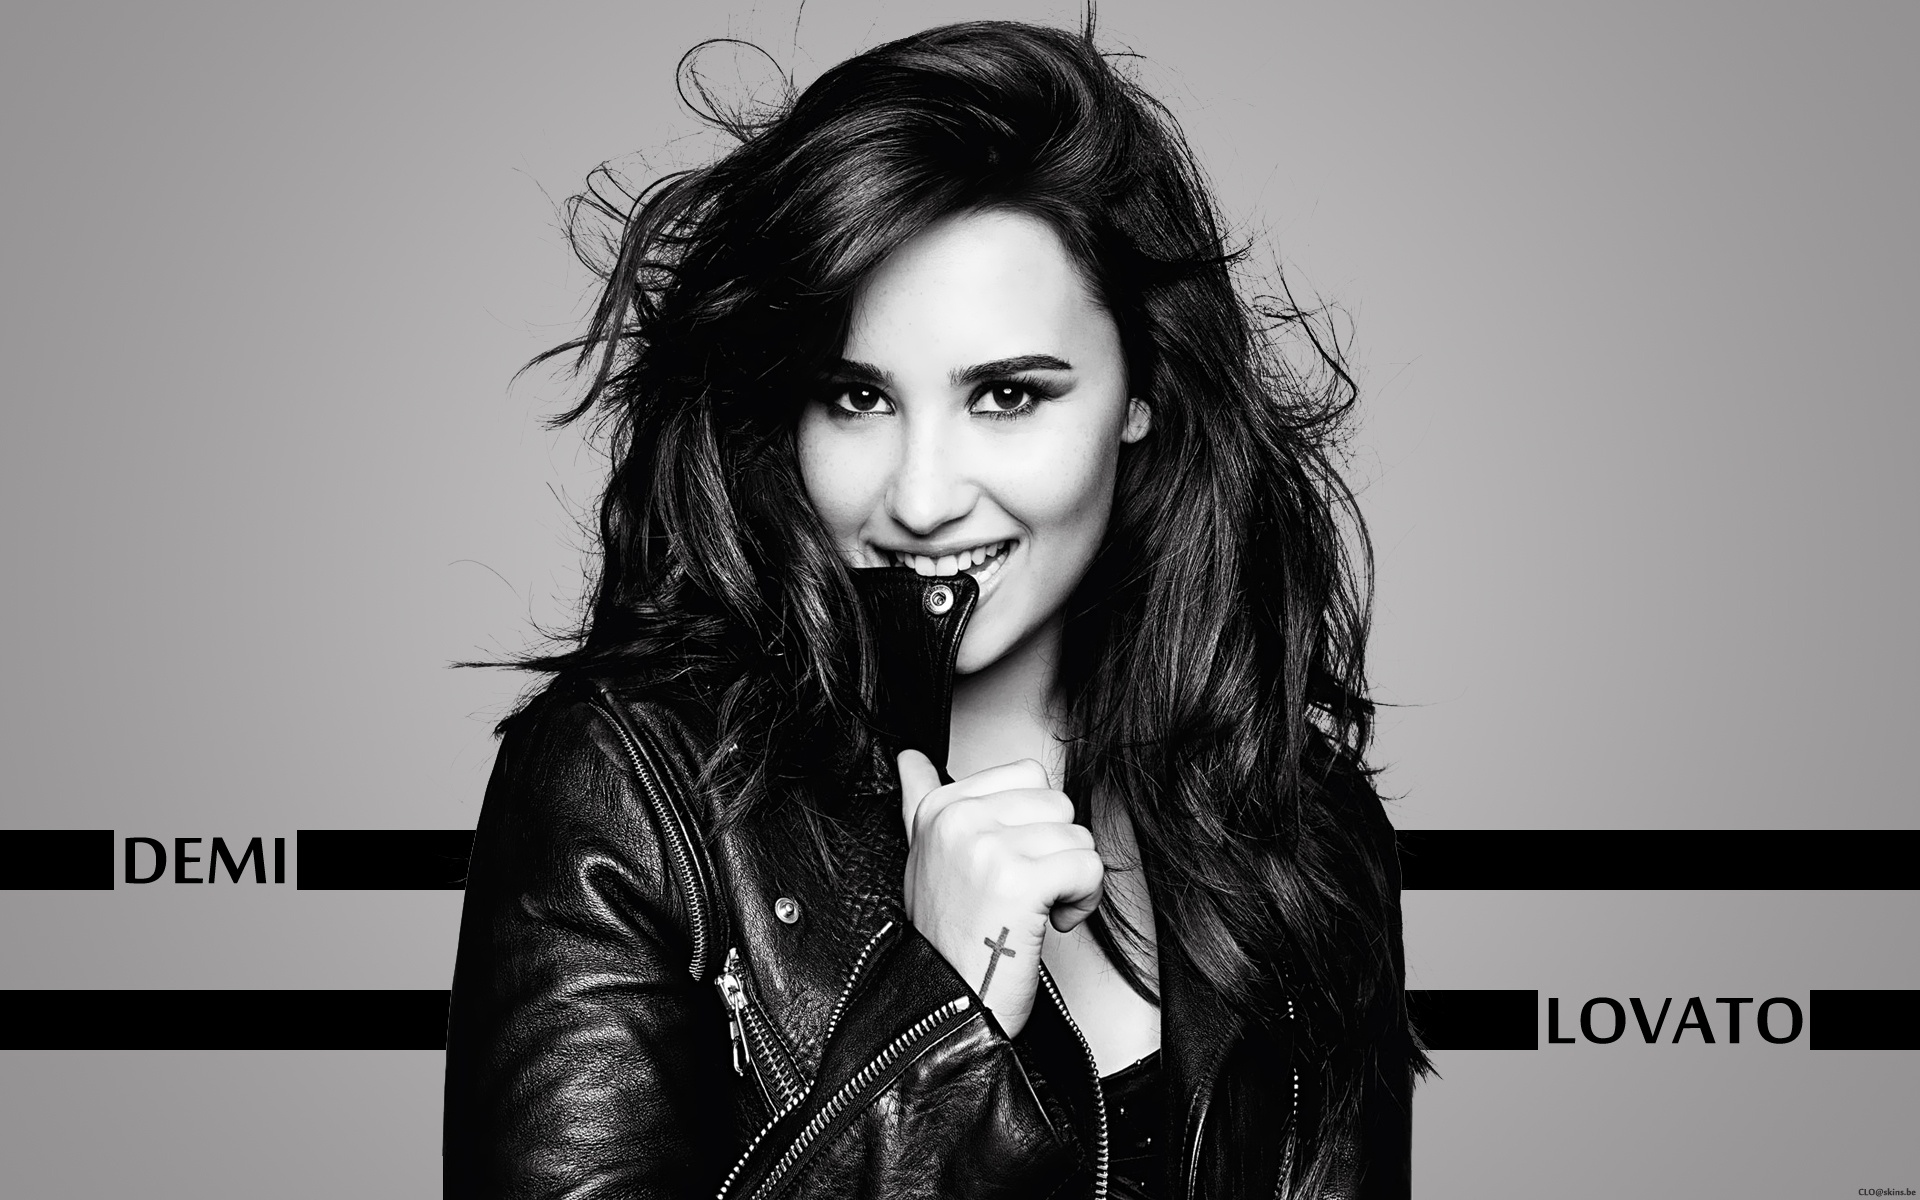 Demi Lovato Girlfriend 2013 Wallpapers HD Wallpapers 1920x1200